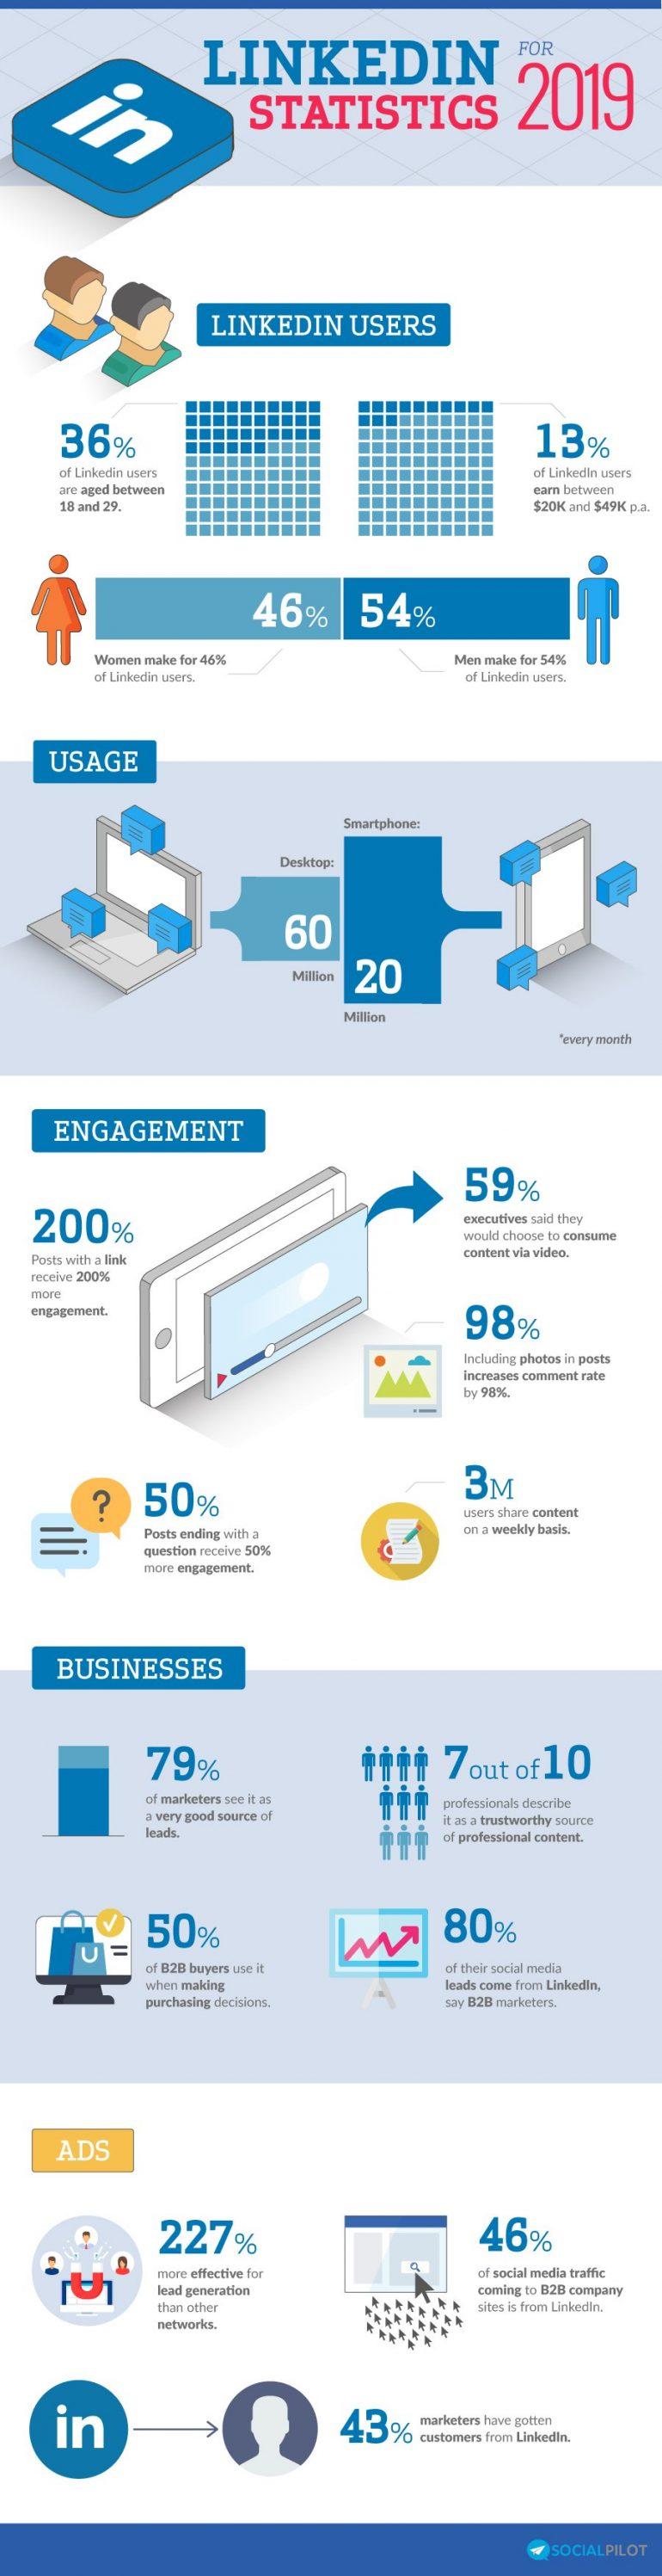 Infographic met feiten en cijfers over LinkedIn.